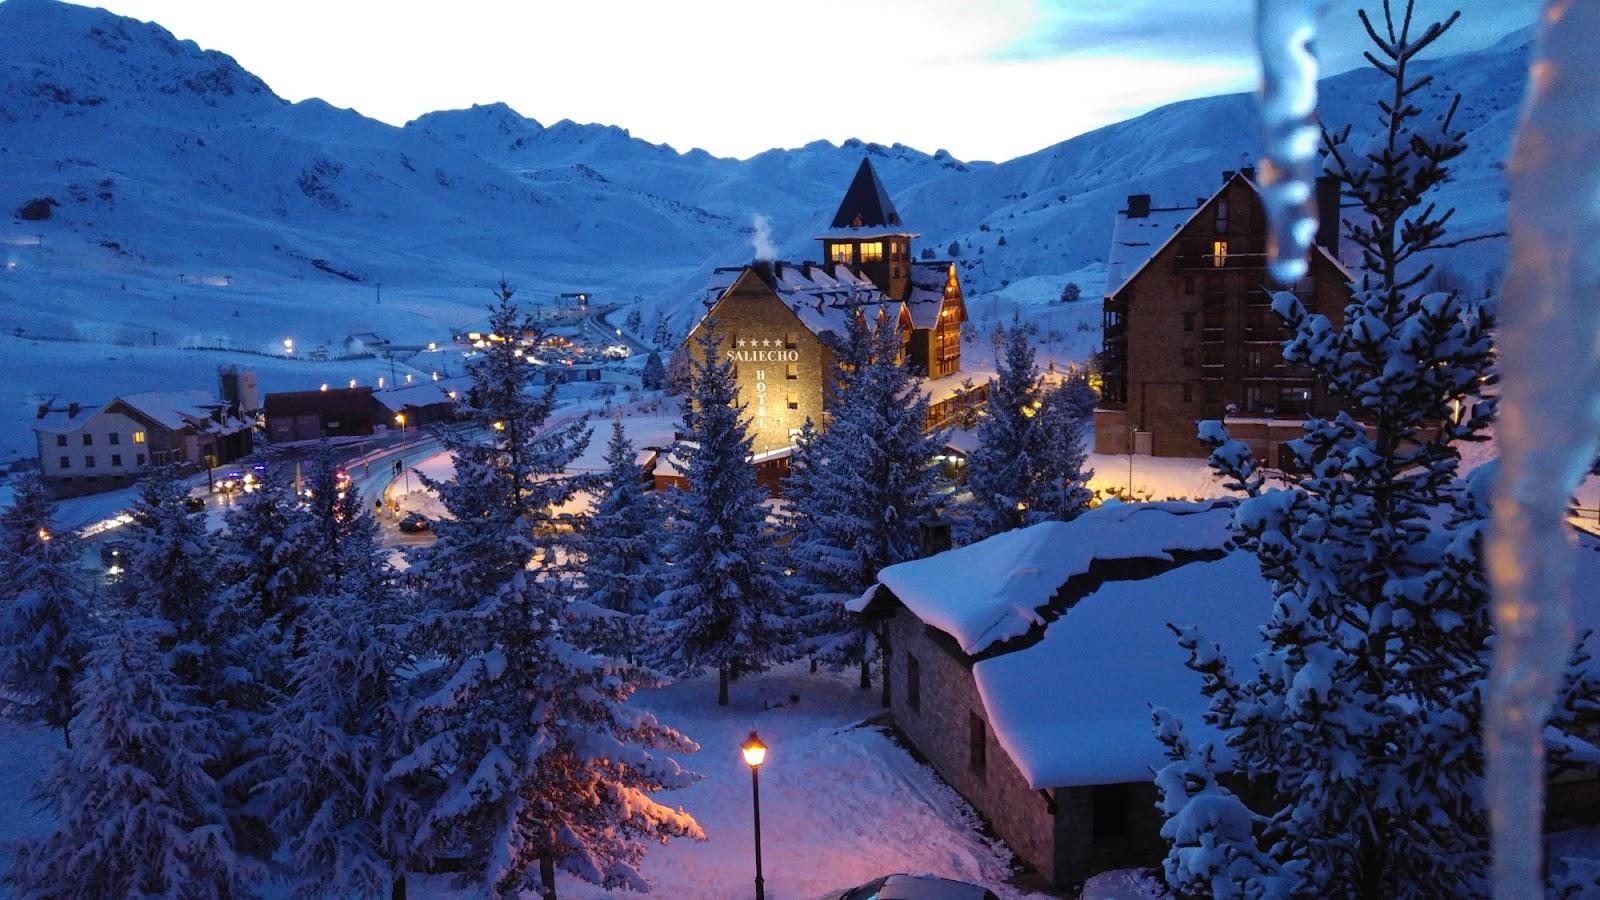 Así luce el hotel Saliecho 4* en invierno